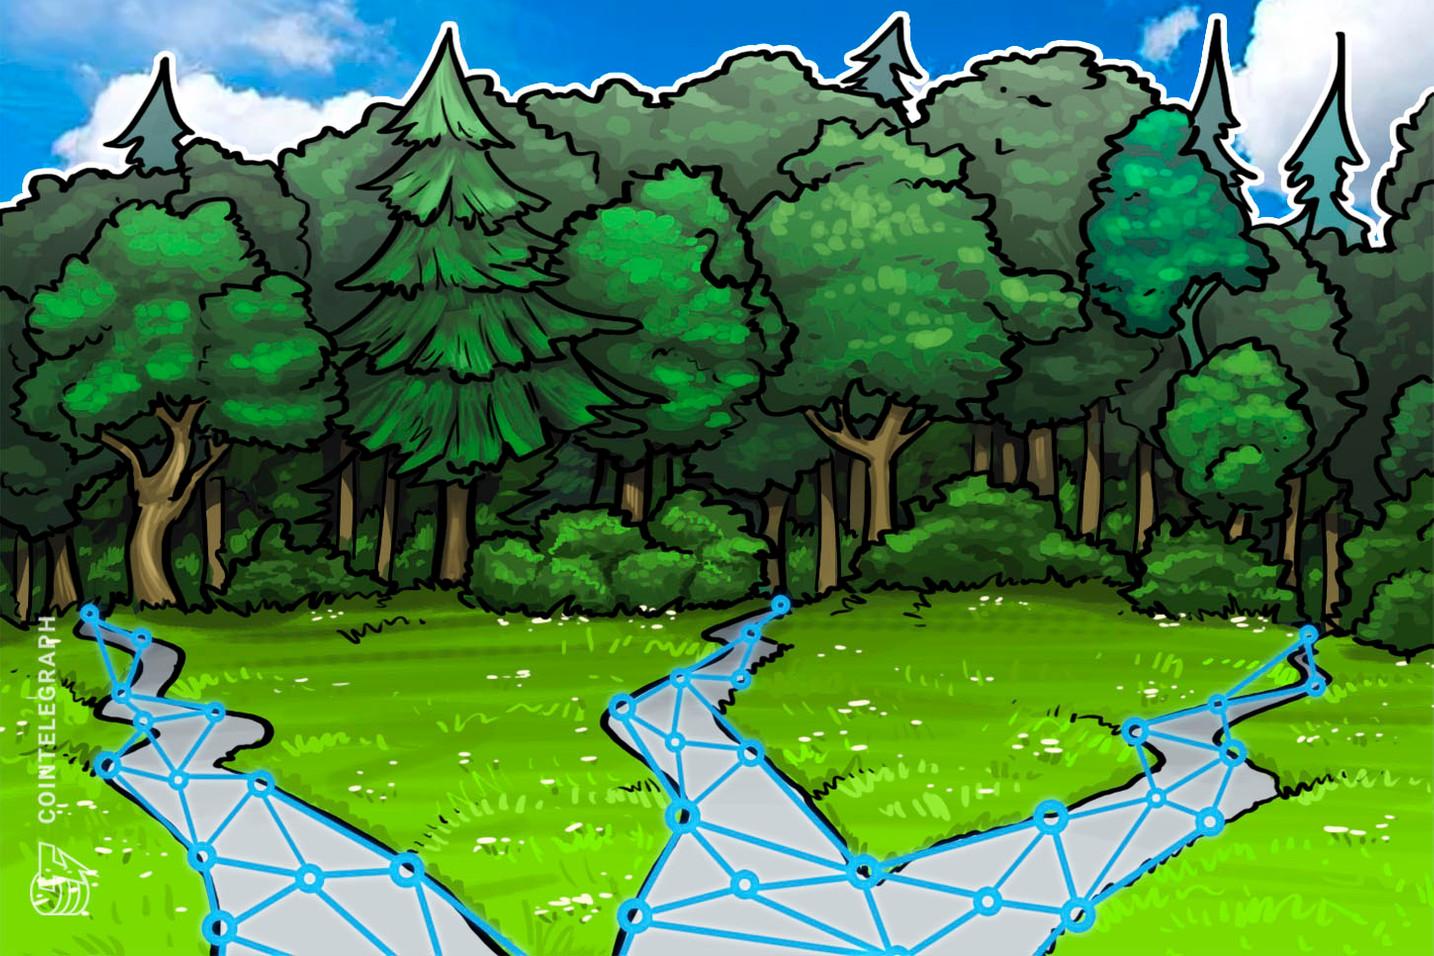 仮想通貨マイニングのビットフューリー、国連と協力してカザフスタンの森林地保護へ【ニュース】